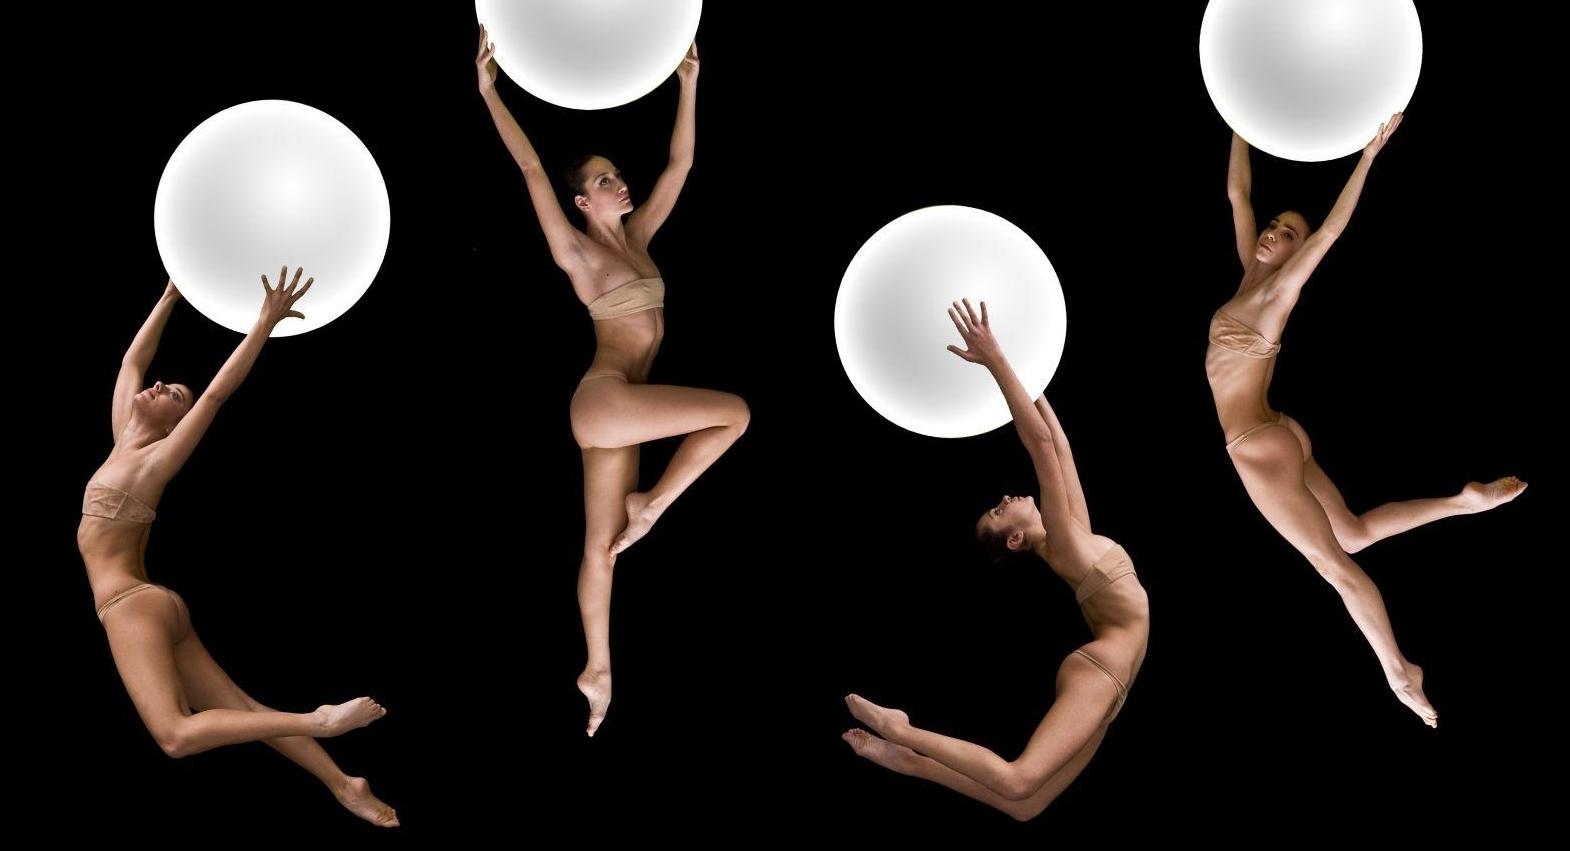 意大利零重力舞蹈团《神曲》